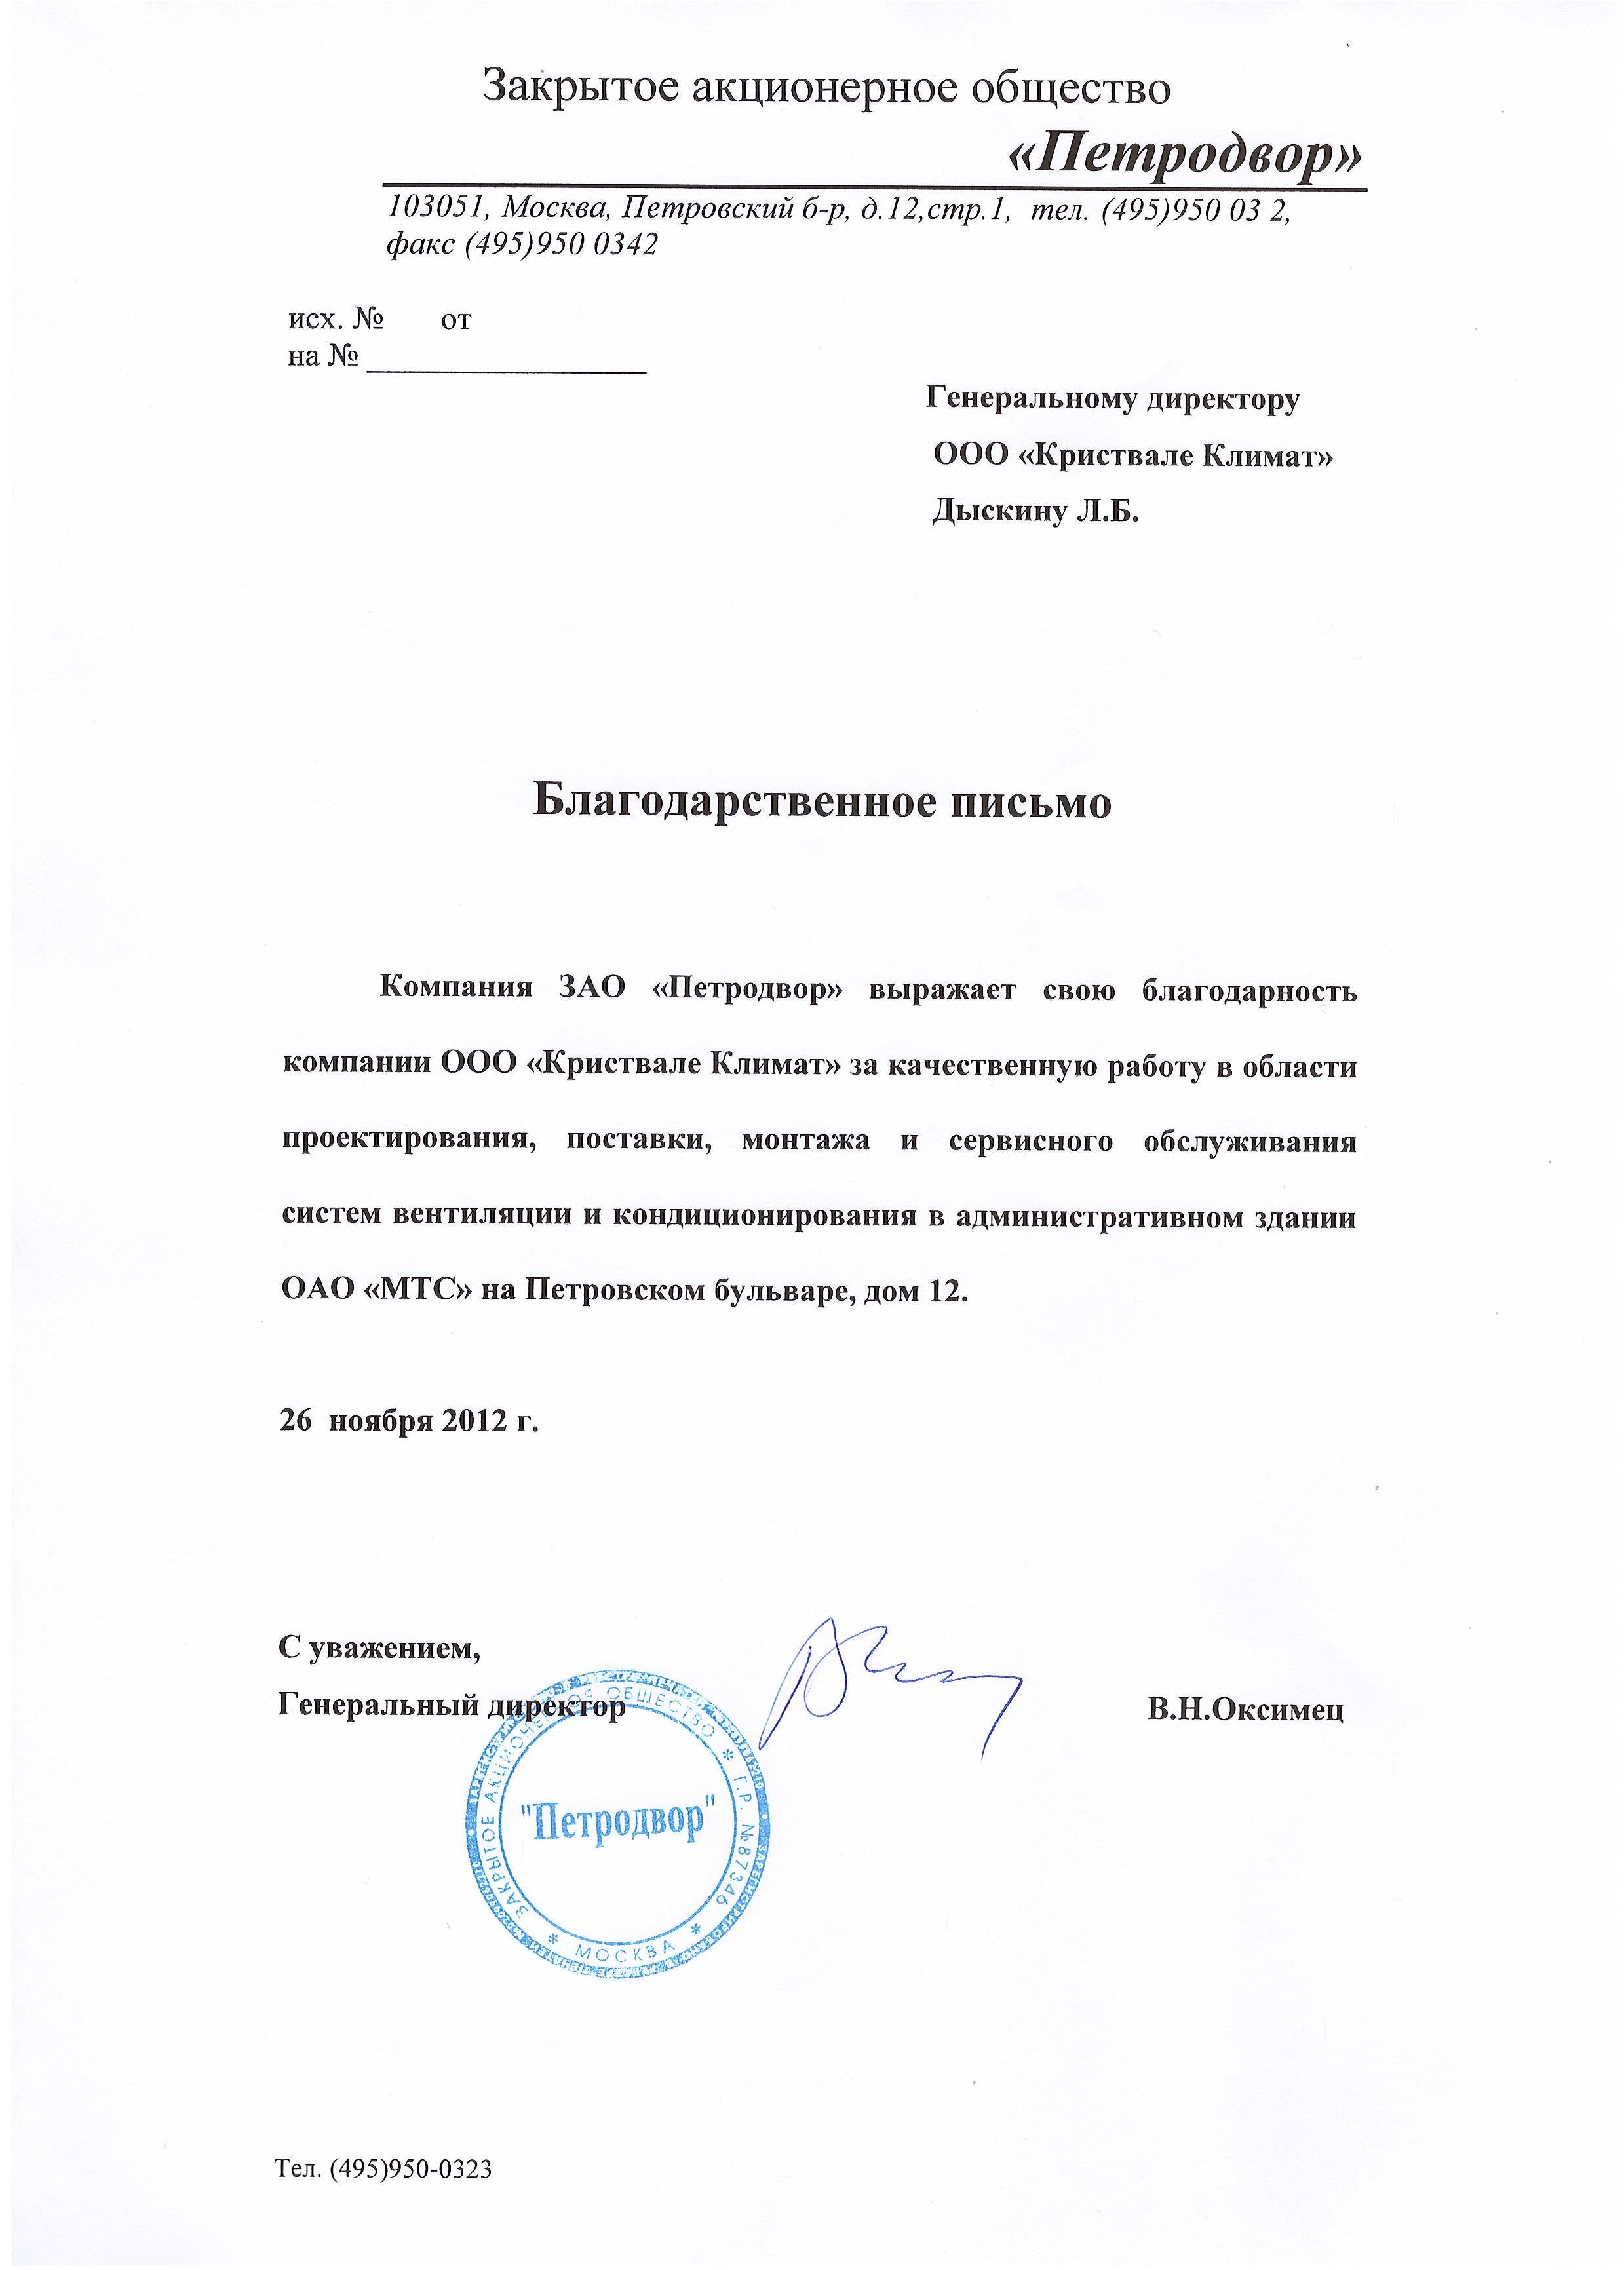 Благодарственное письмо Петродвор